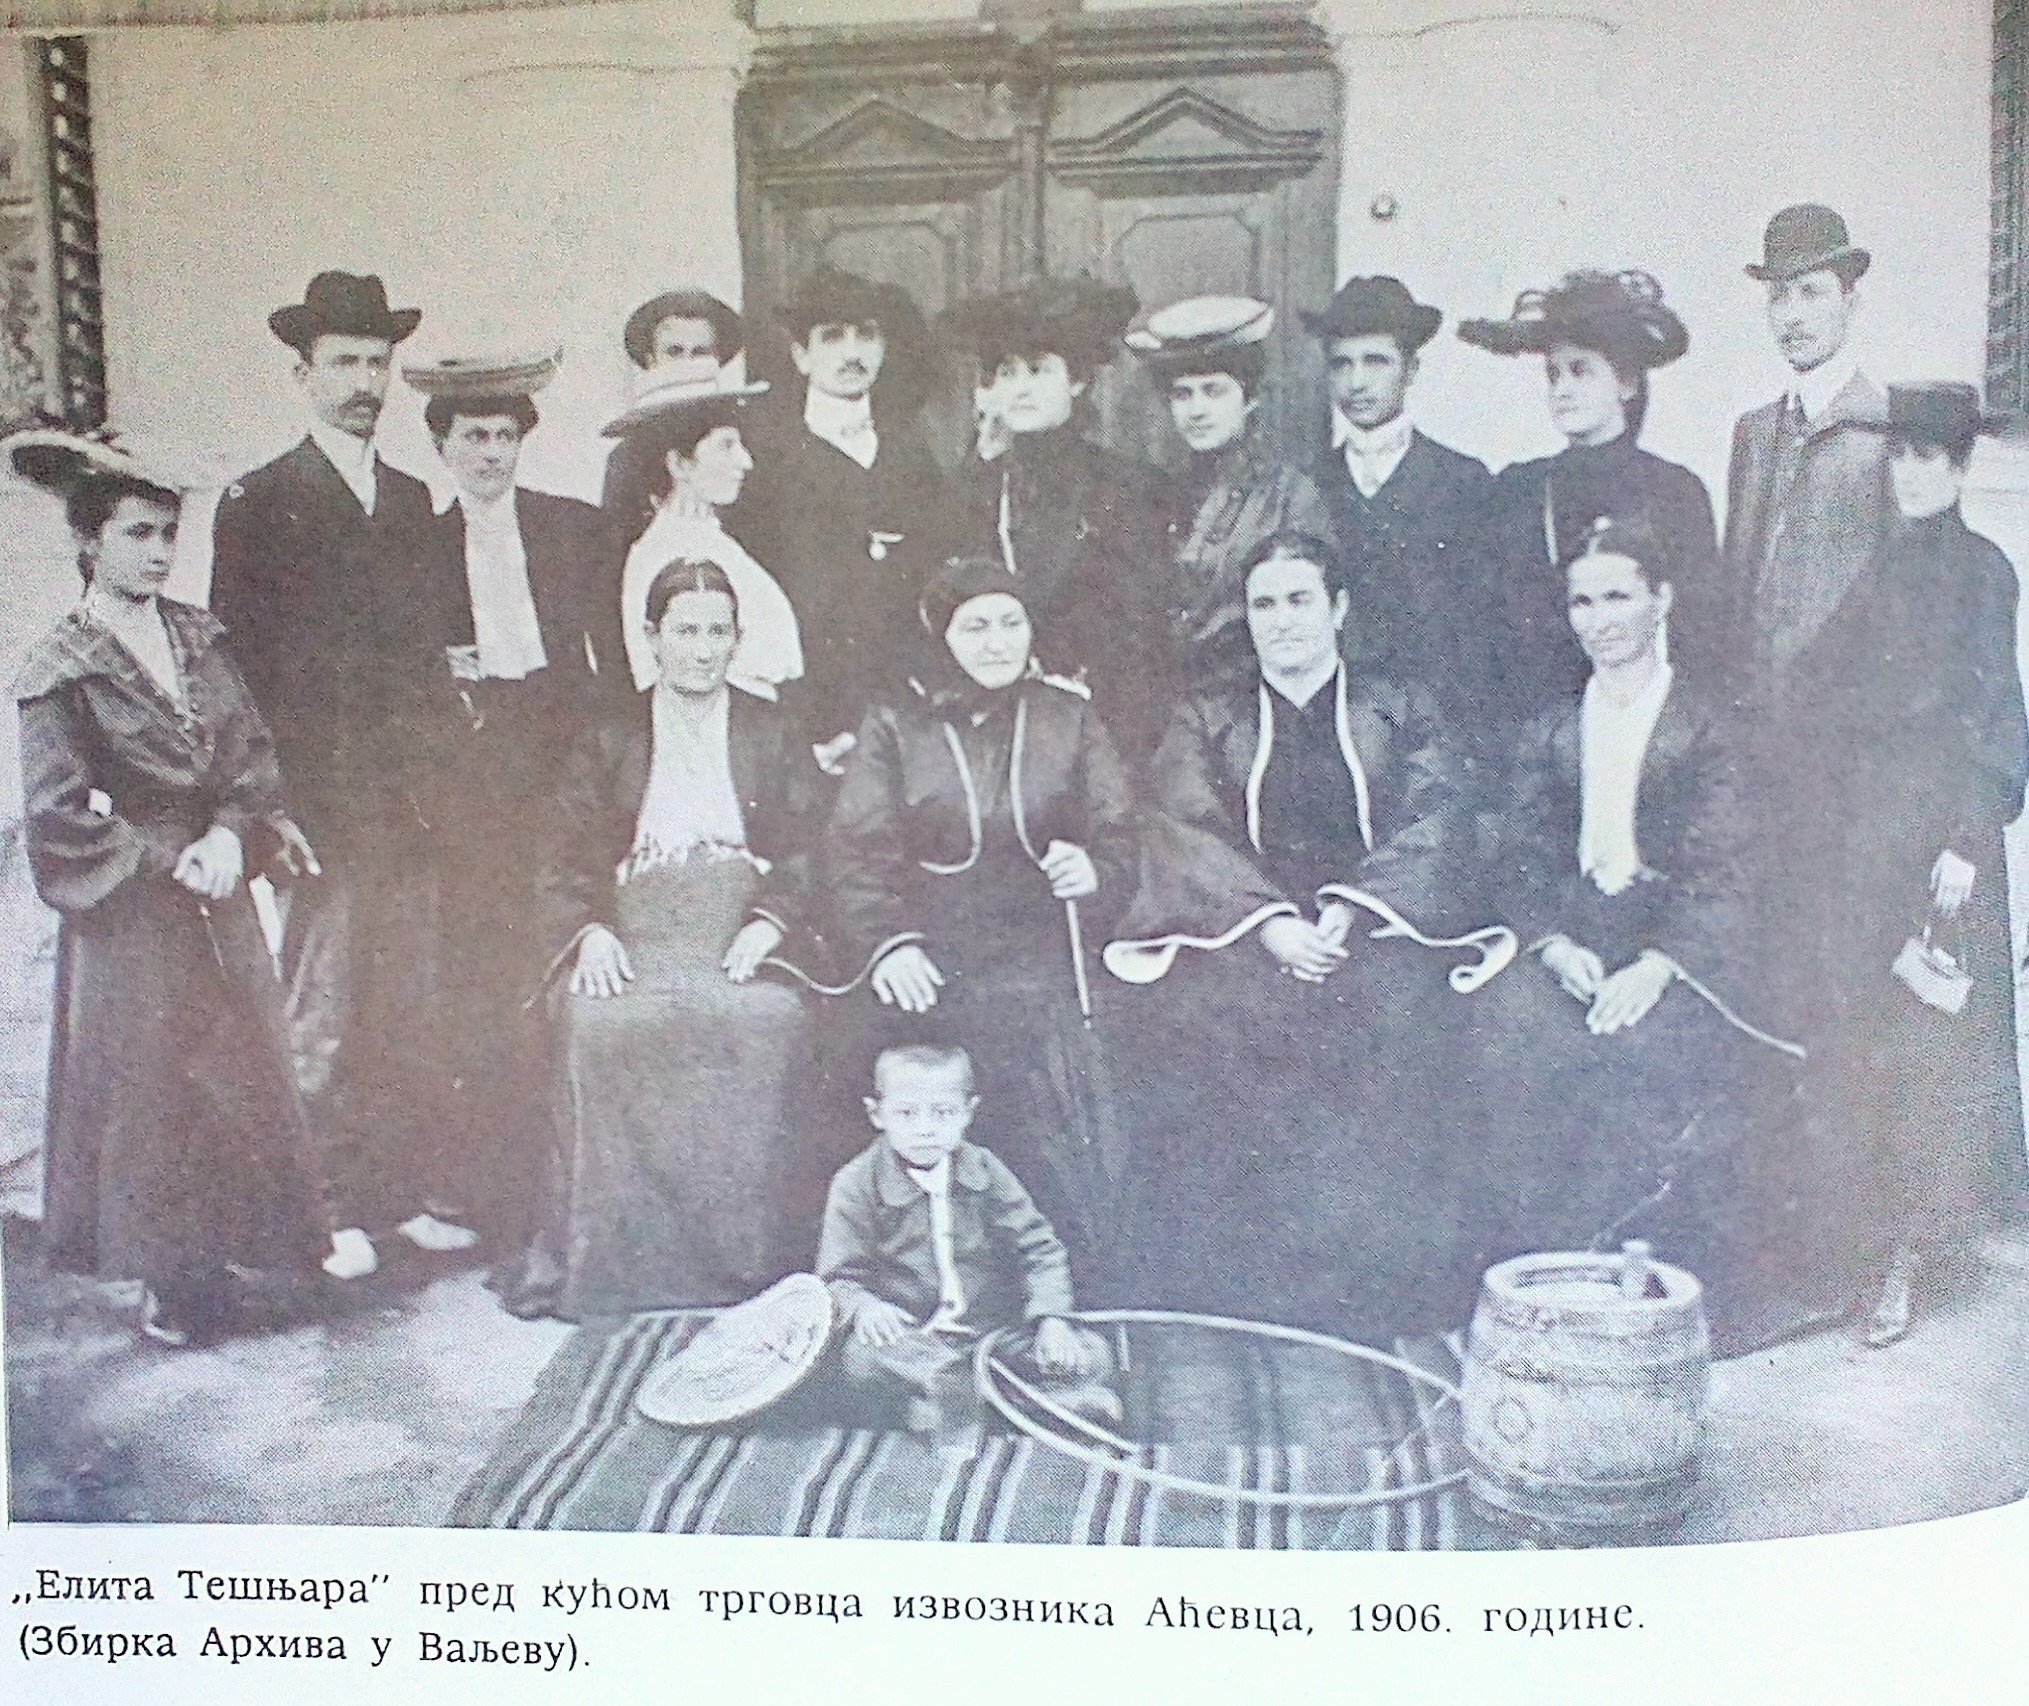 Ilustracija iz knjige Valjevo u prošlosti Radovana Draškovića